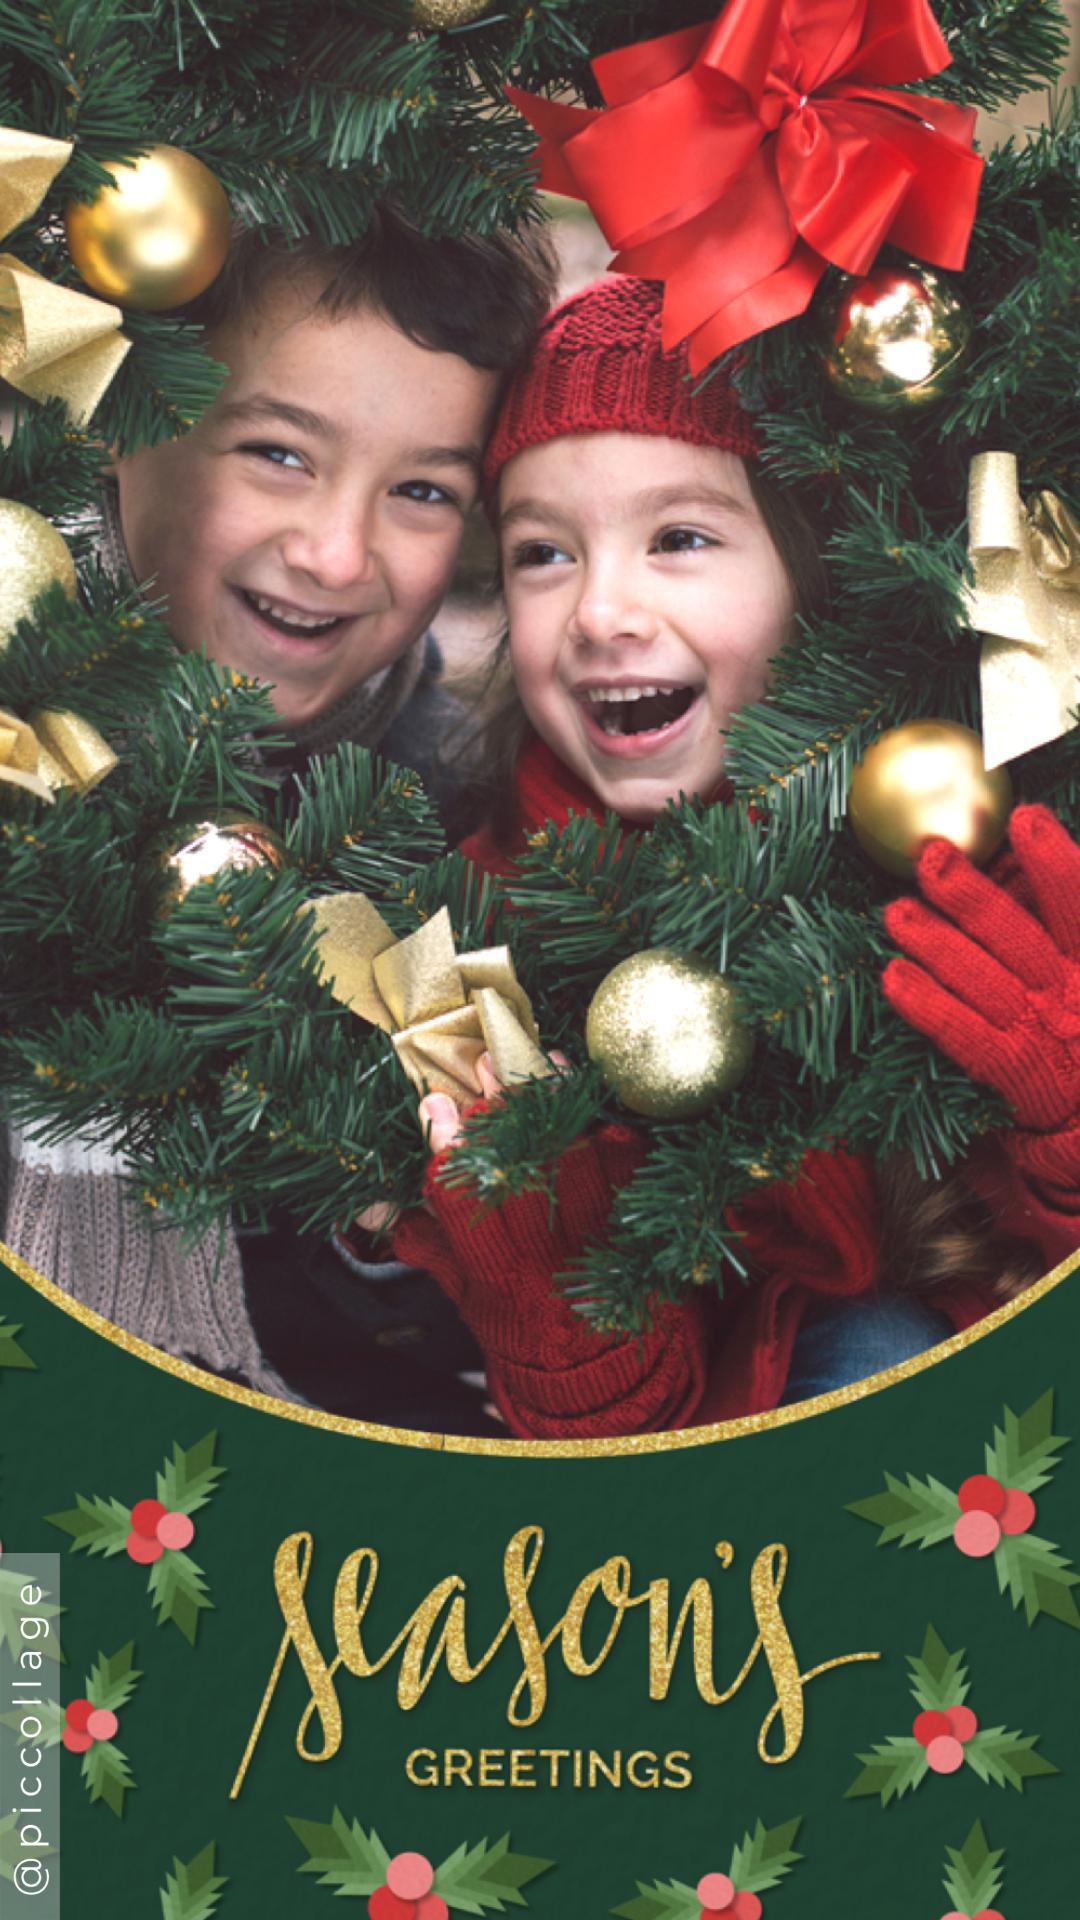 Christmas Photo Frames Diy Christmas Greeting Cards Christmas Photo Frame Christmas Greeting Cards Diy Christmas Photos